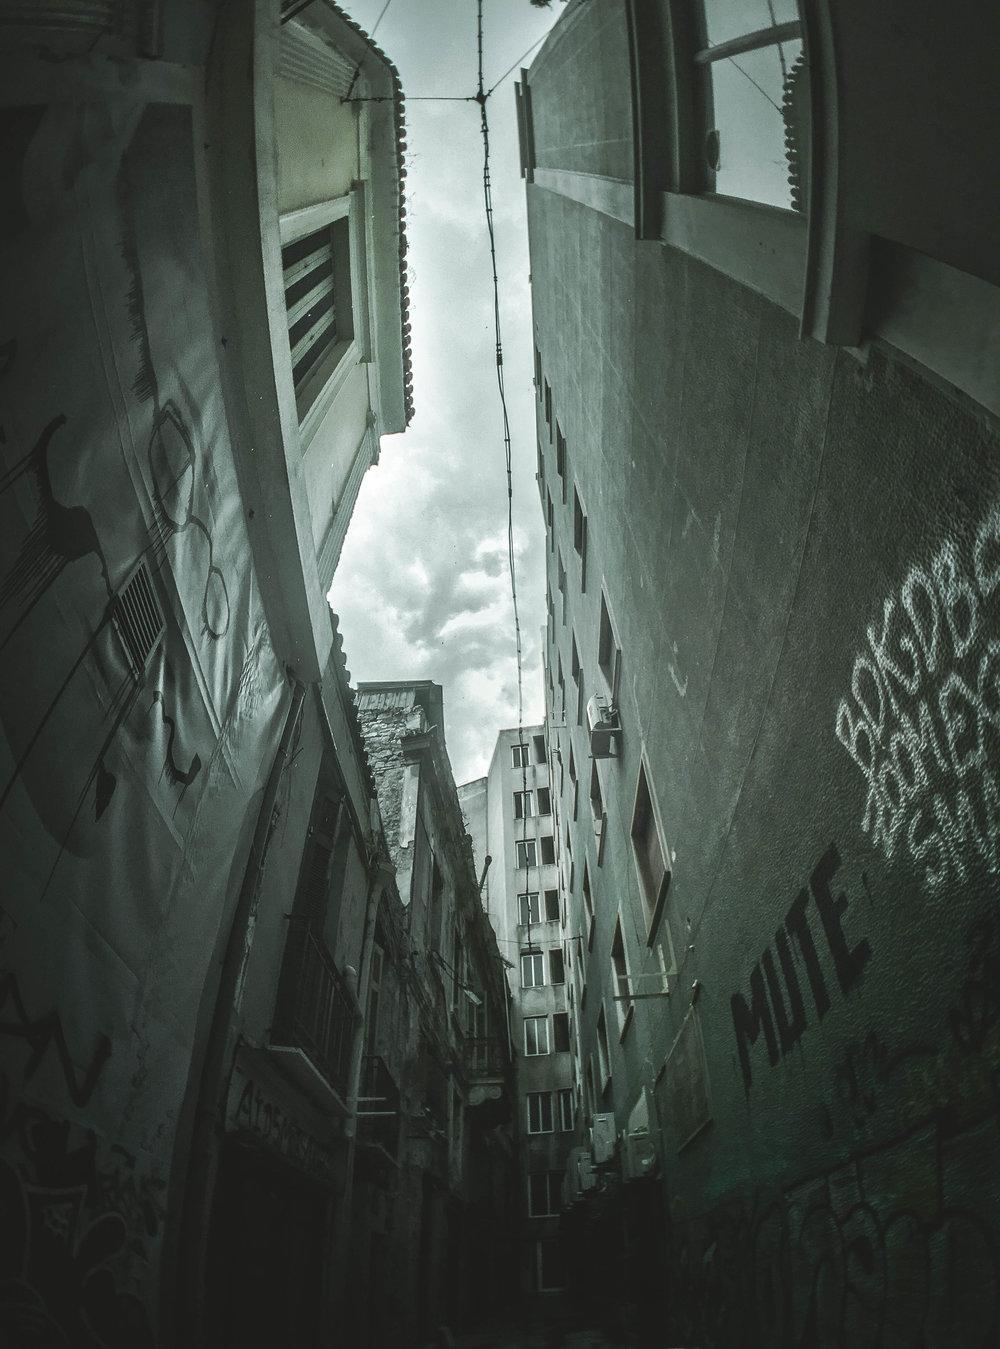 alleyway (1 of 1).jpg